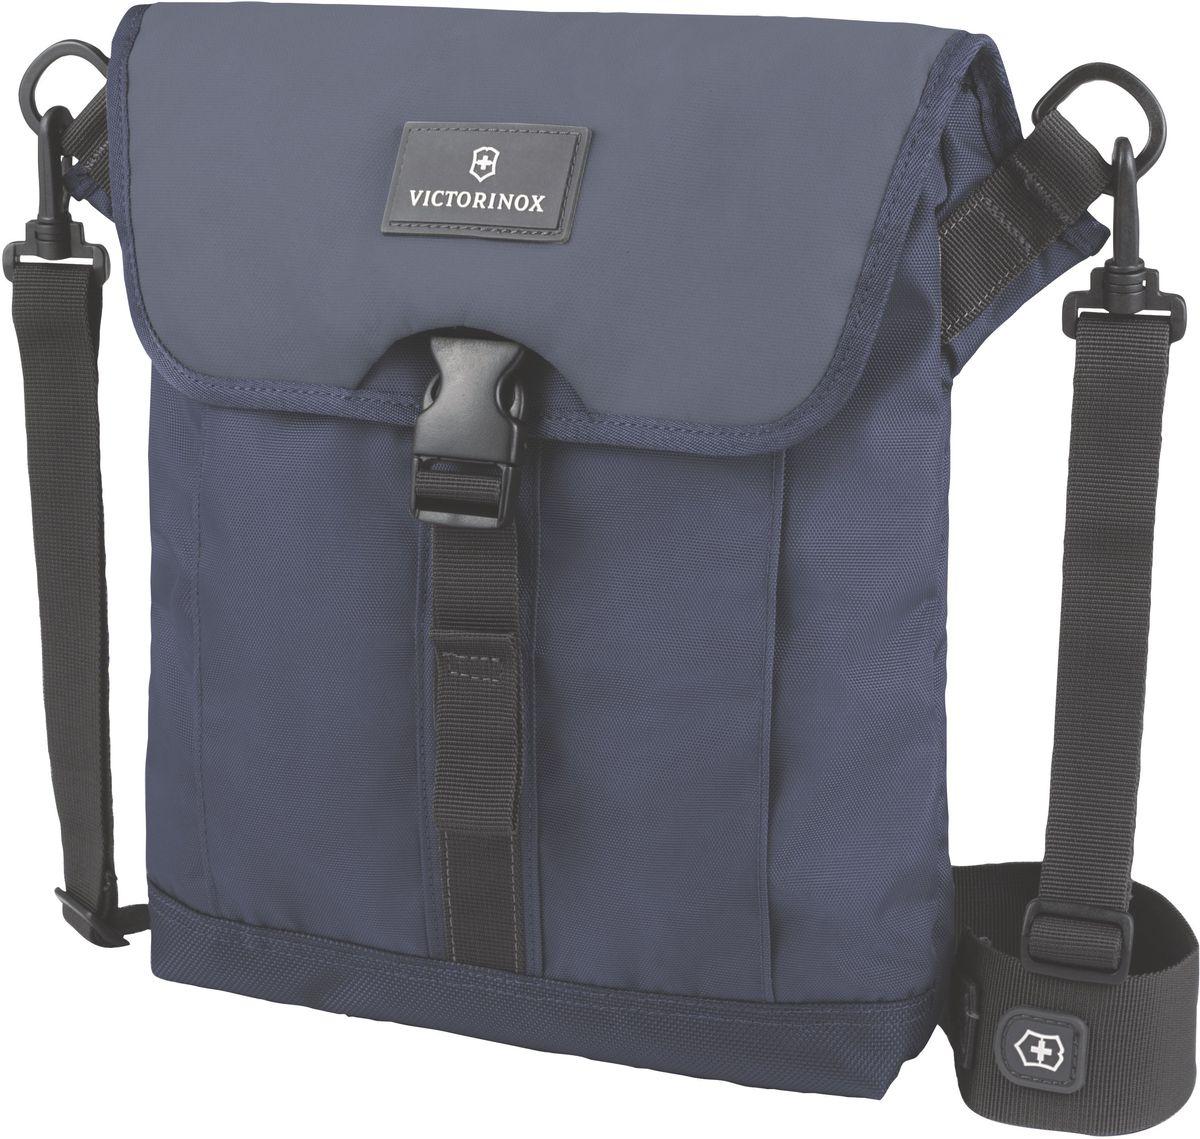 Сумка наплечная Victorinox Altmont 3.0 Flapover Bag, цвет: синий. 32389209MW-1462-01-SR серебристыйСумка наплечная Victorinox Altmont 3.0 Flapover Bag выполнена из высококачественного нейлона и оформлена фирменной нашивкой. Изделие оснащено мягким карманом для электронного устройства диагональю 10 (25 см) для хранения iPad, Kindle, планшета или электронной книги.Внешняя сторона включает в себя передний карман с застёжкой-клапаном.Лицевые, боковые и задние скрытые карманы на молнии обеспечивают дополнительную безопасность и места для хранения.Регулируемый съемный плечевой ремень для удобства переноски.